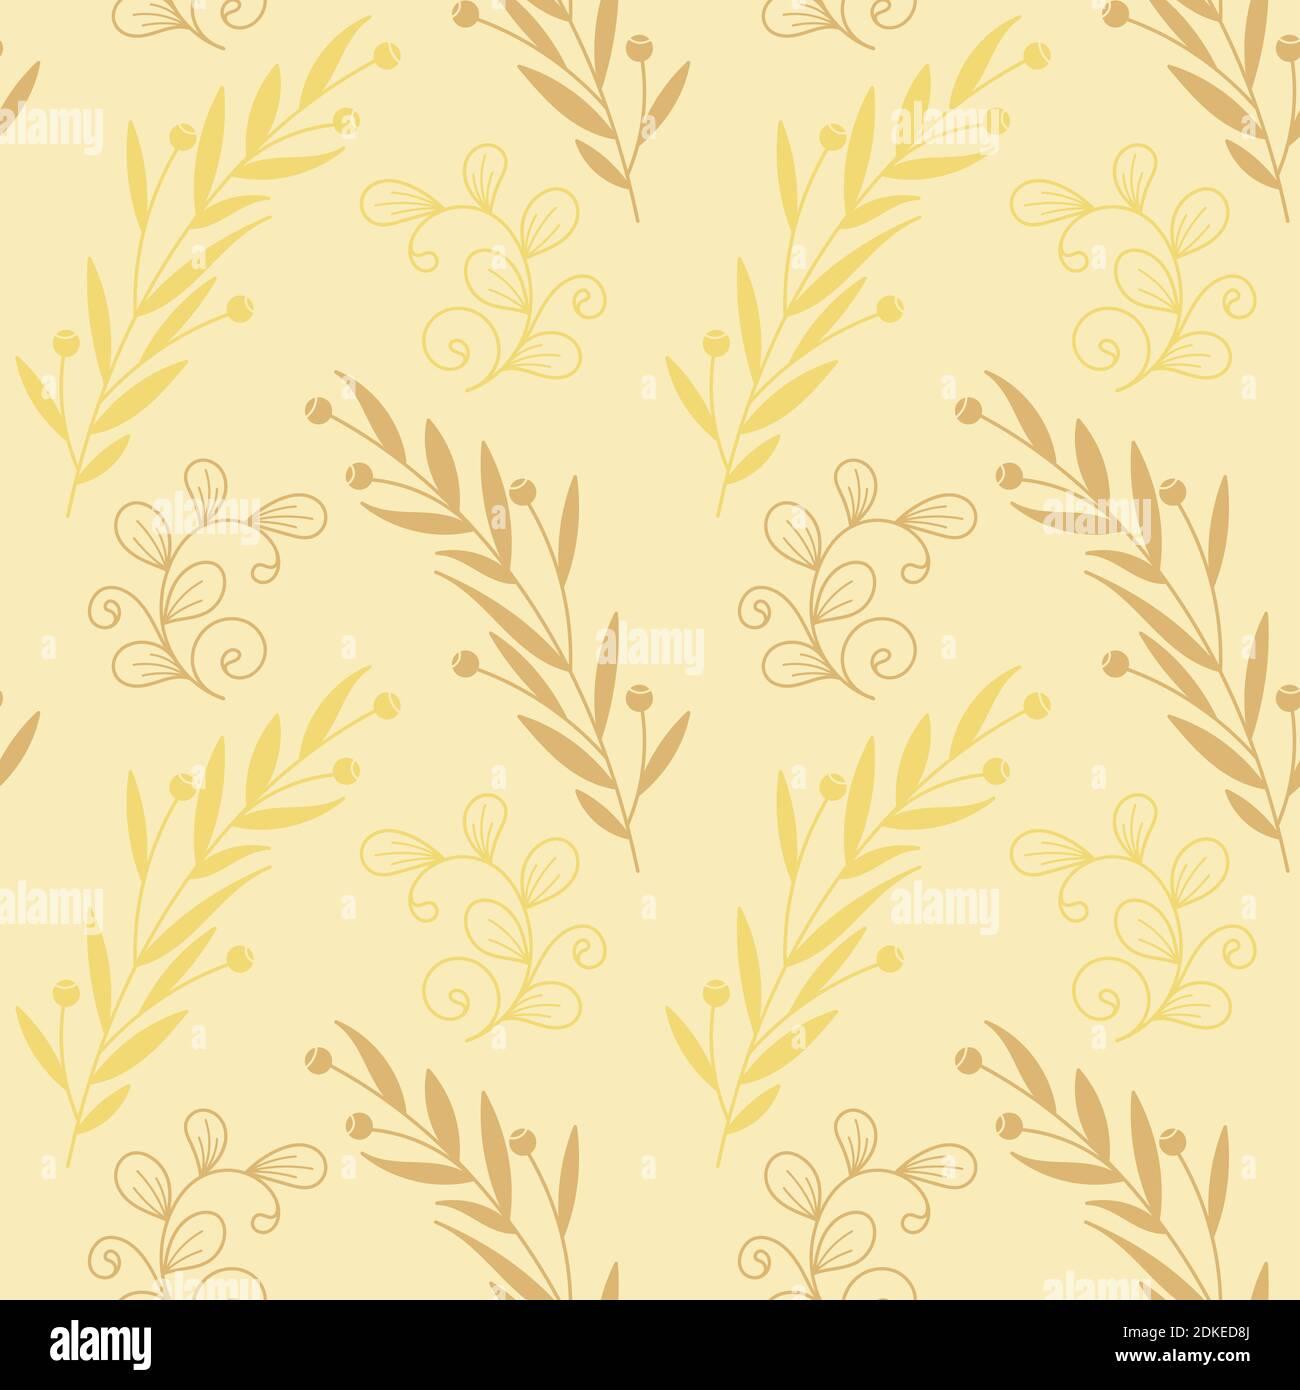 Motifs vectoriels sans couture avec branches avec feuilles. Illustration vectorielle plate pour papier d'emballage, papier peint, impression textile. Illustration de Vecteur